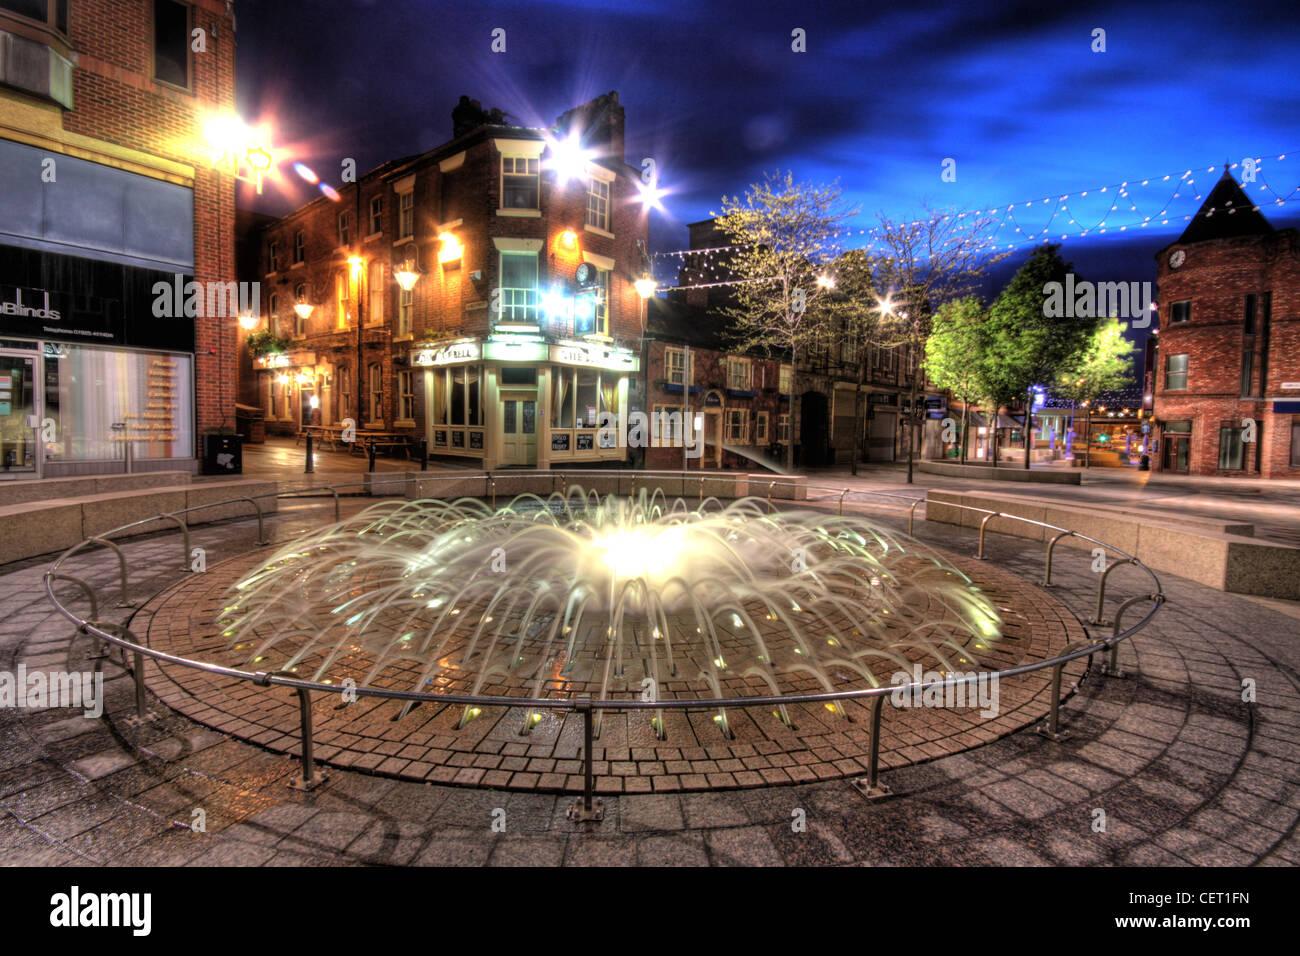 Laden Sie dieses Alamy Stockfoto Brücke St / Hutmacher Zeile Brunnen gegenüber dem Blue Bell Pub, Horse Market Street, Warrington bei Dämmerung, Cheshire, England WA1 1TS - CET1FN